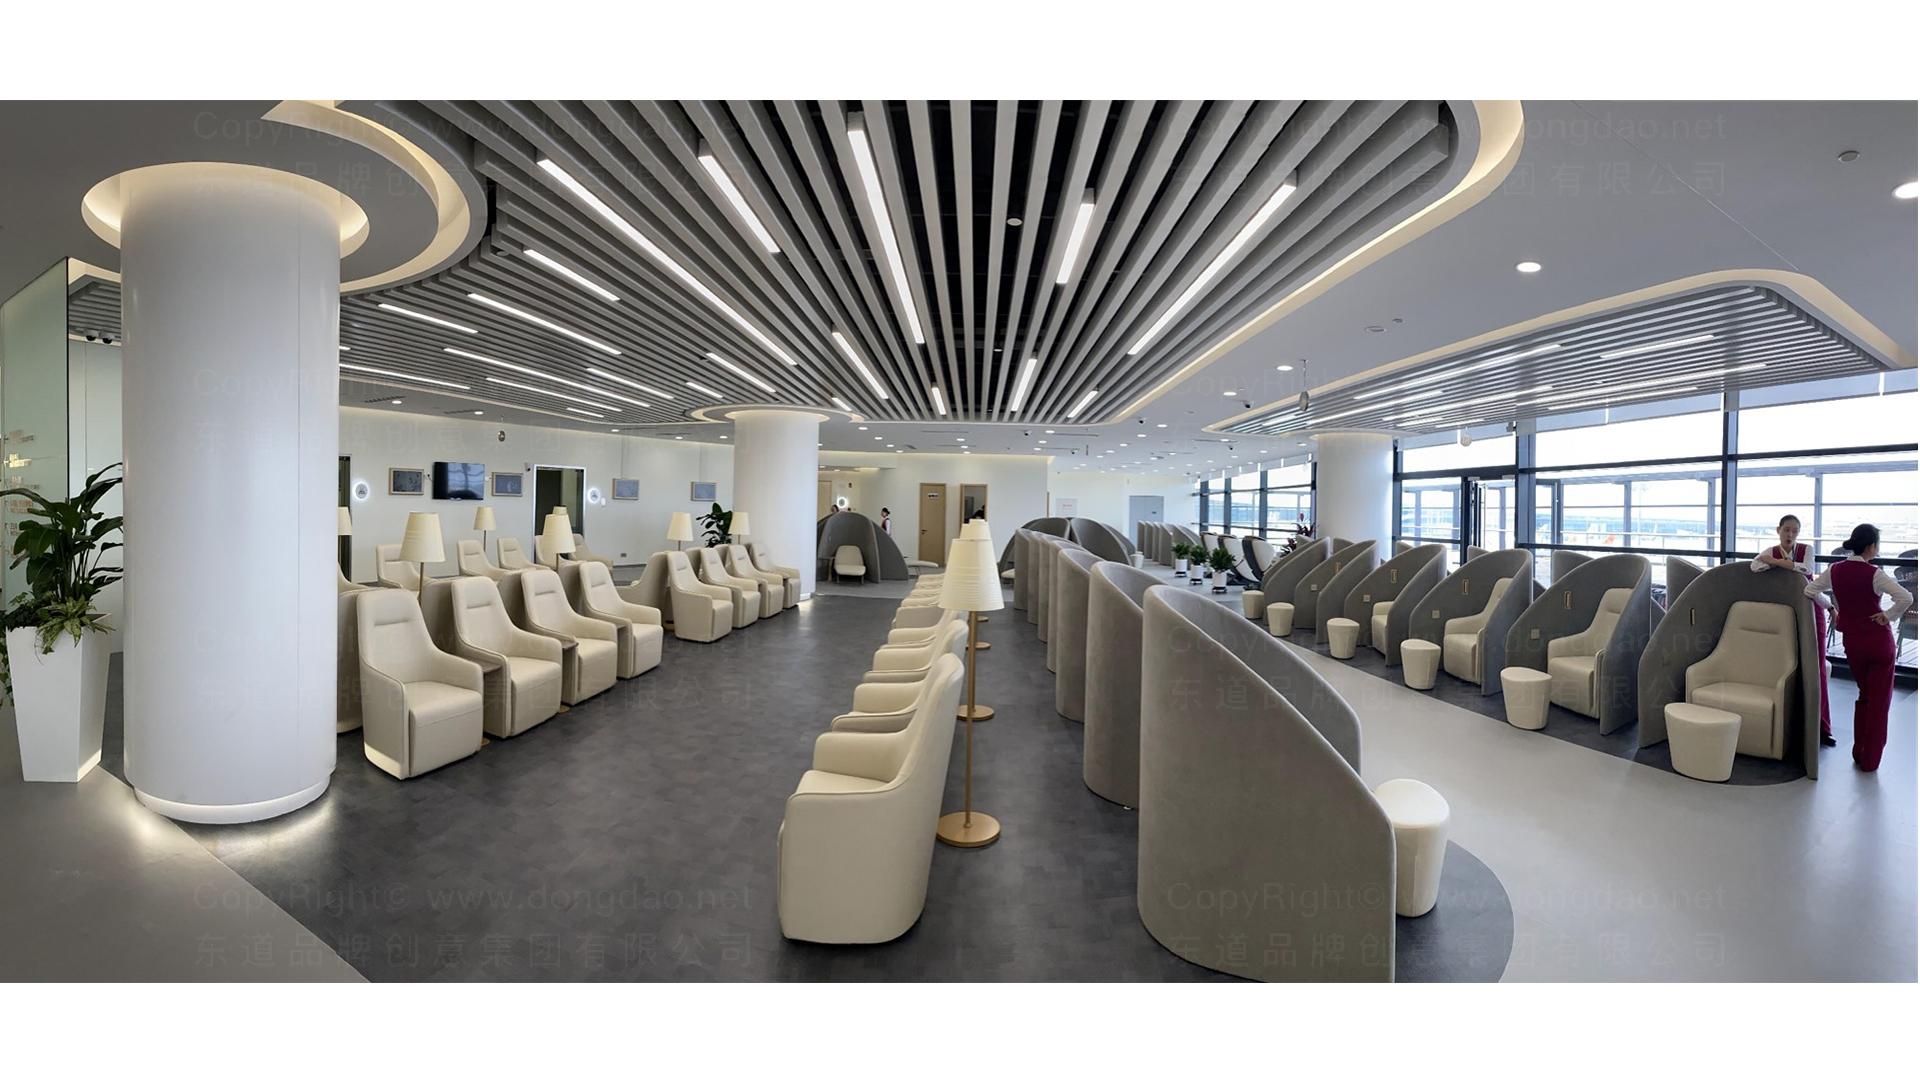 商业空间&导示南方航空南航上海浦东机场 S2 卫星听高端旅客休息室 SI应用场景_13